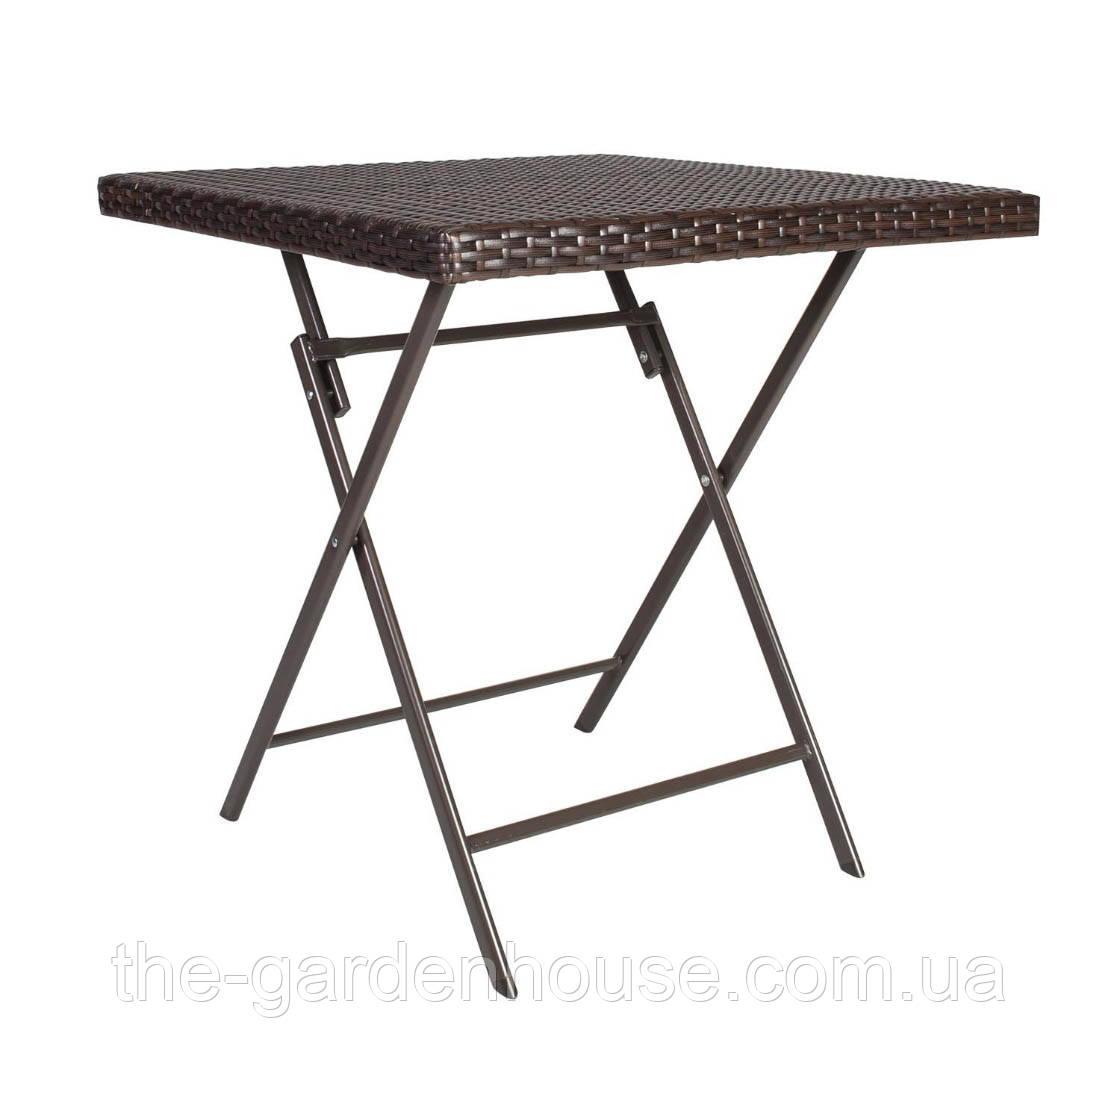 Складной стол из искусственного ротанга Nico 70х70 см темно-коричневый